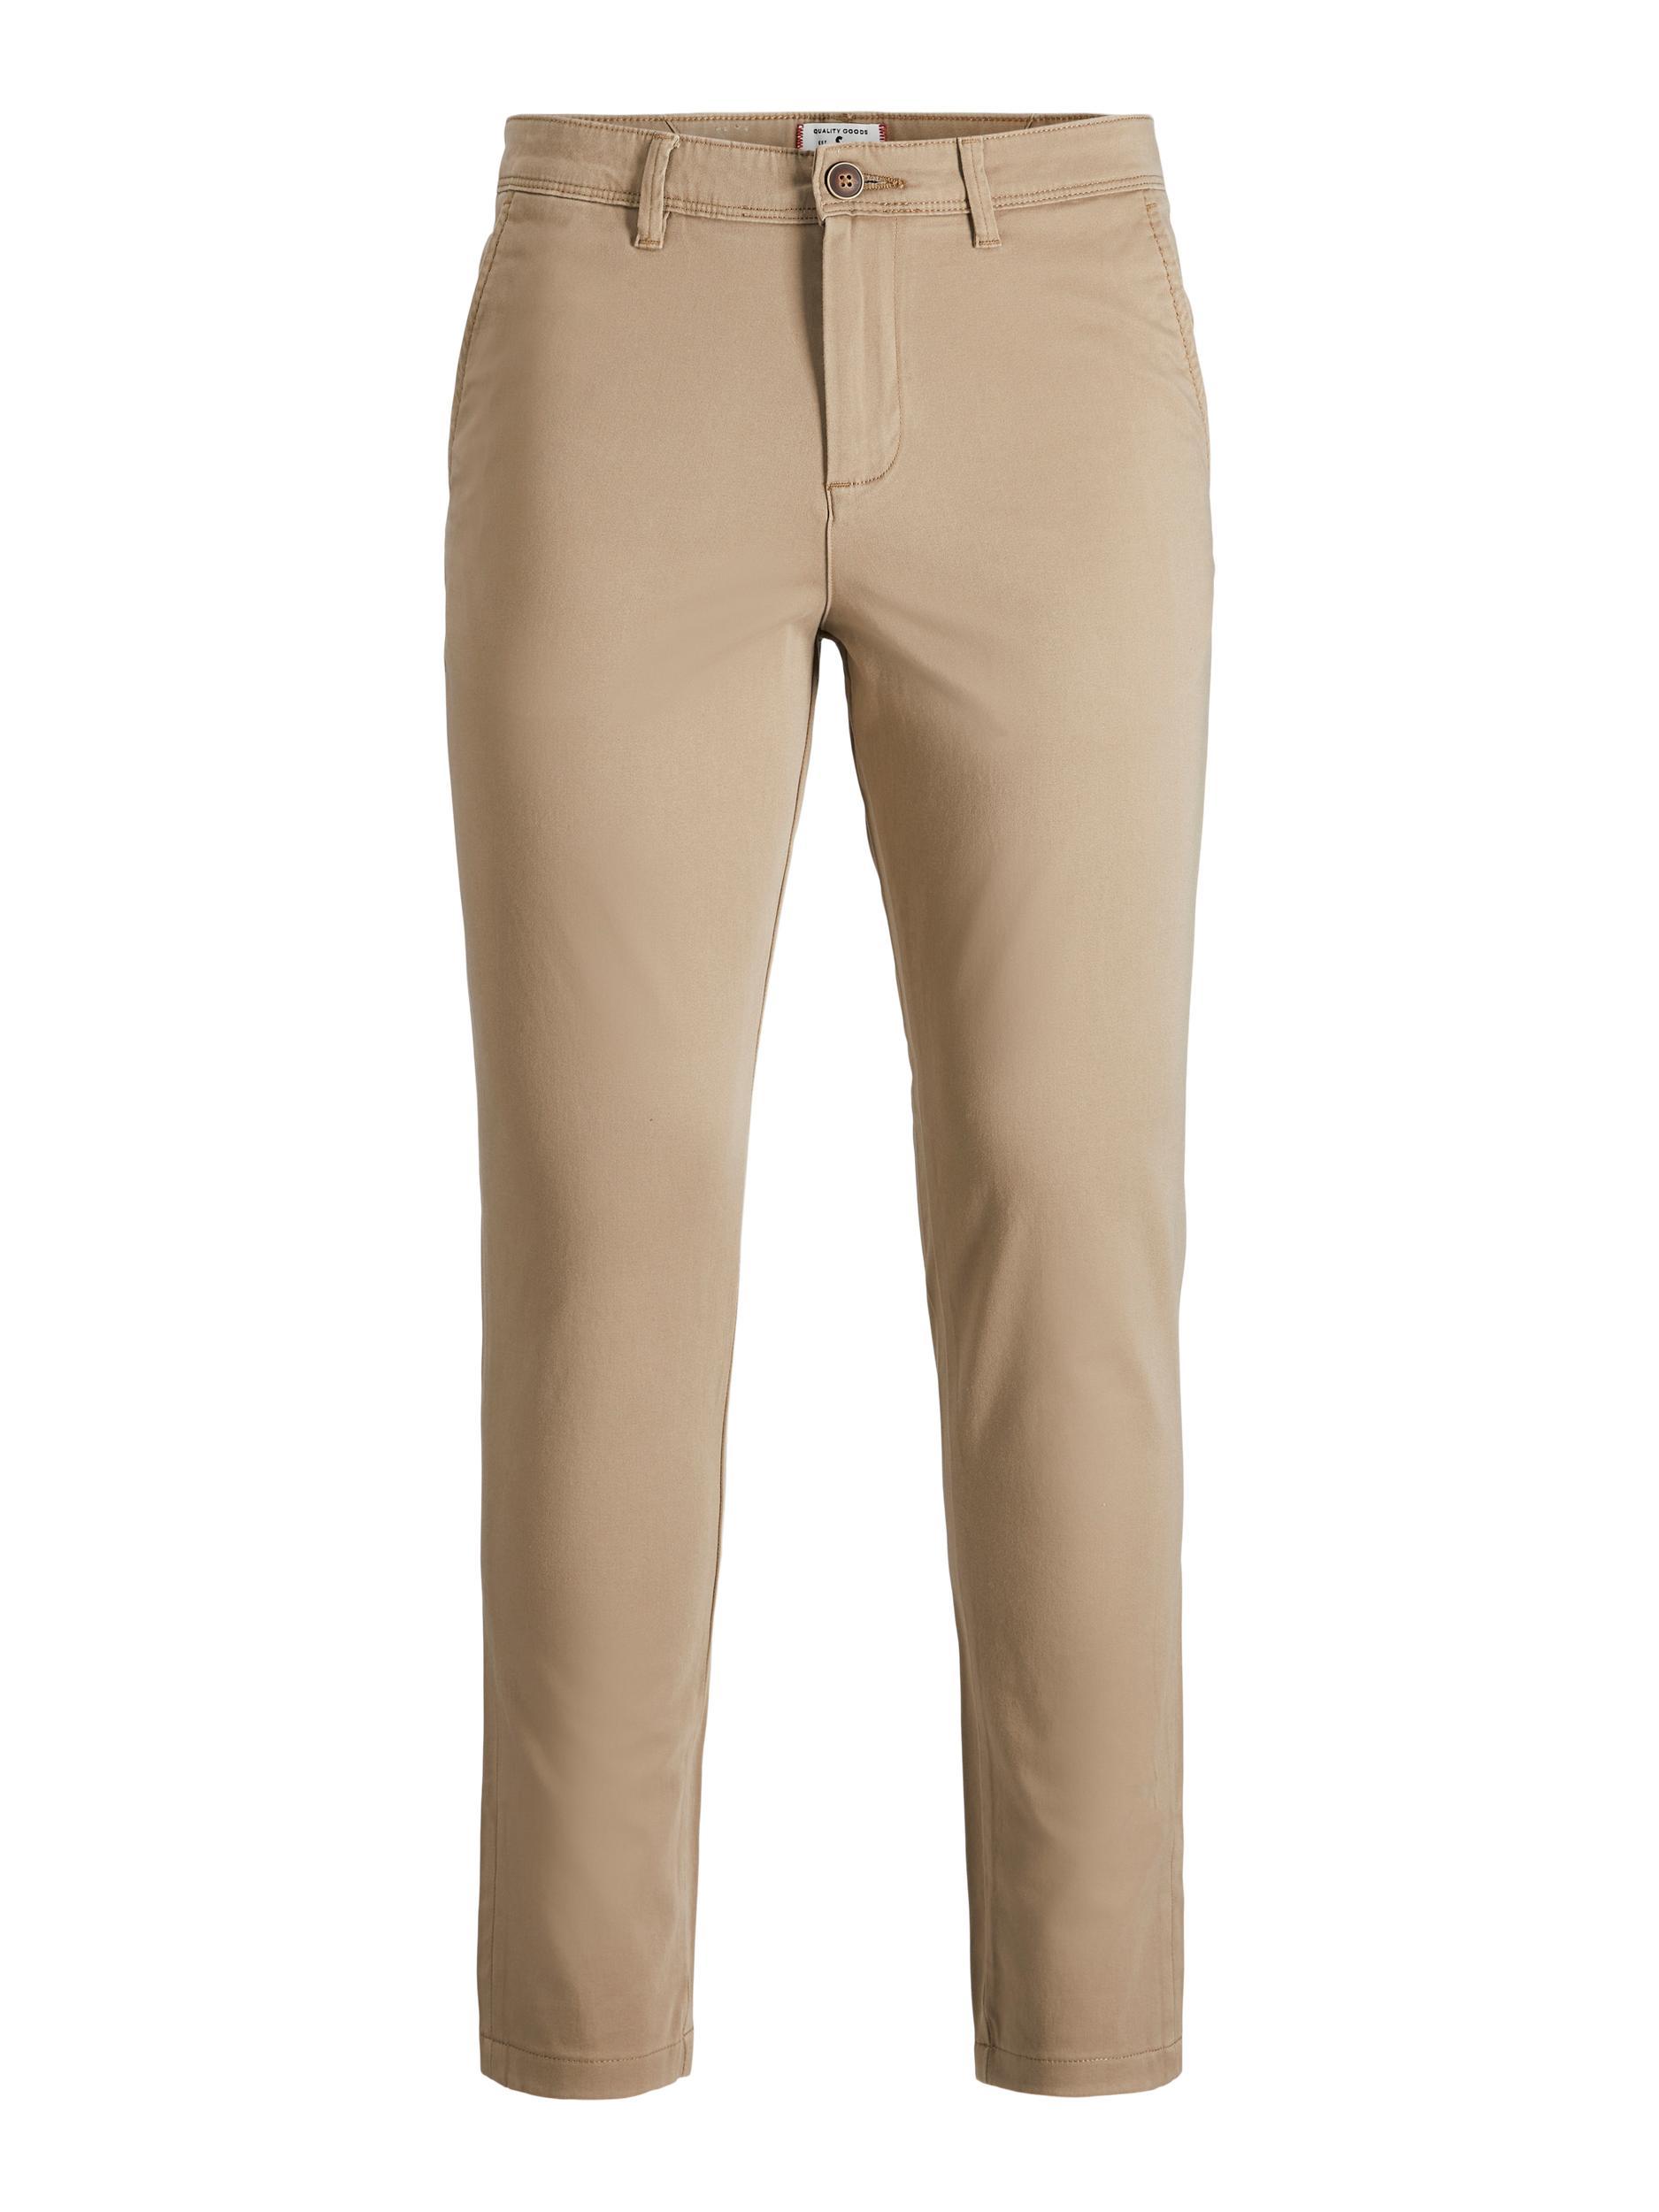 Jack & Jones Marco Bowie bukser, beige, 158